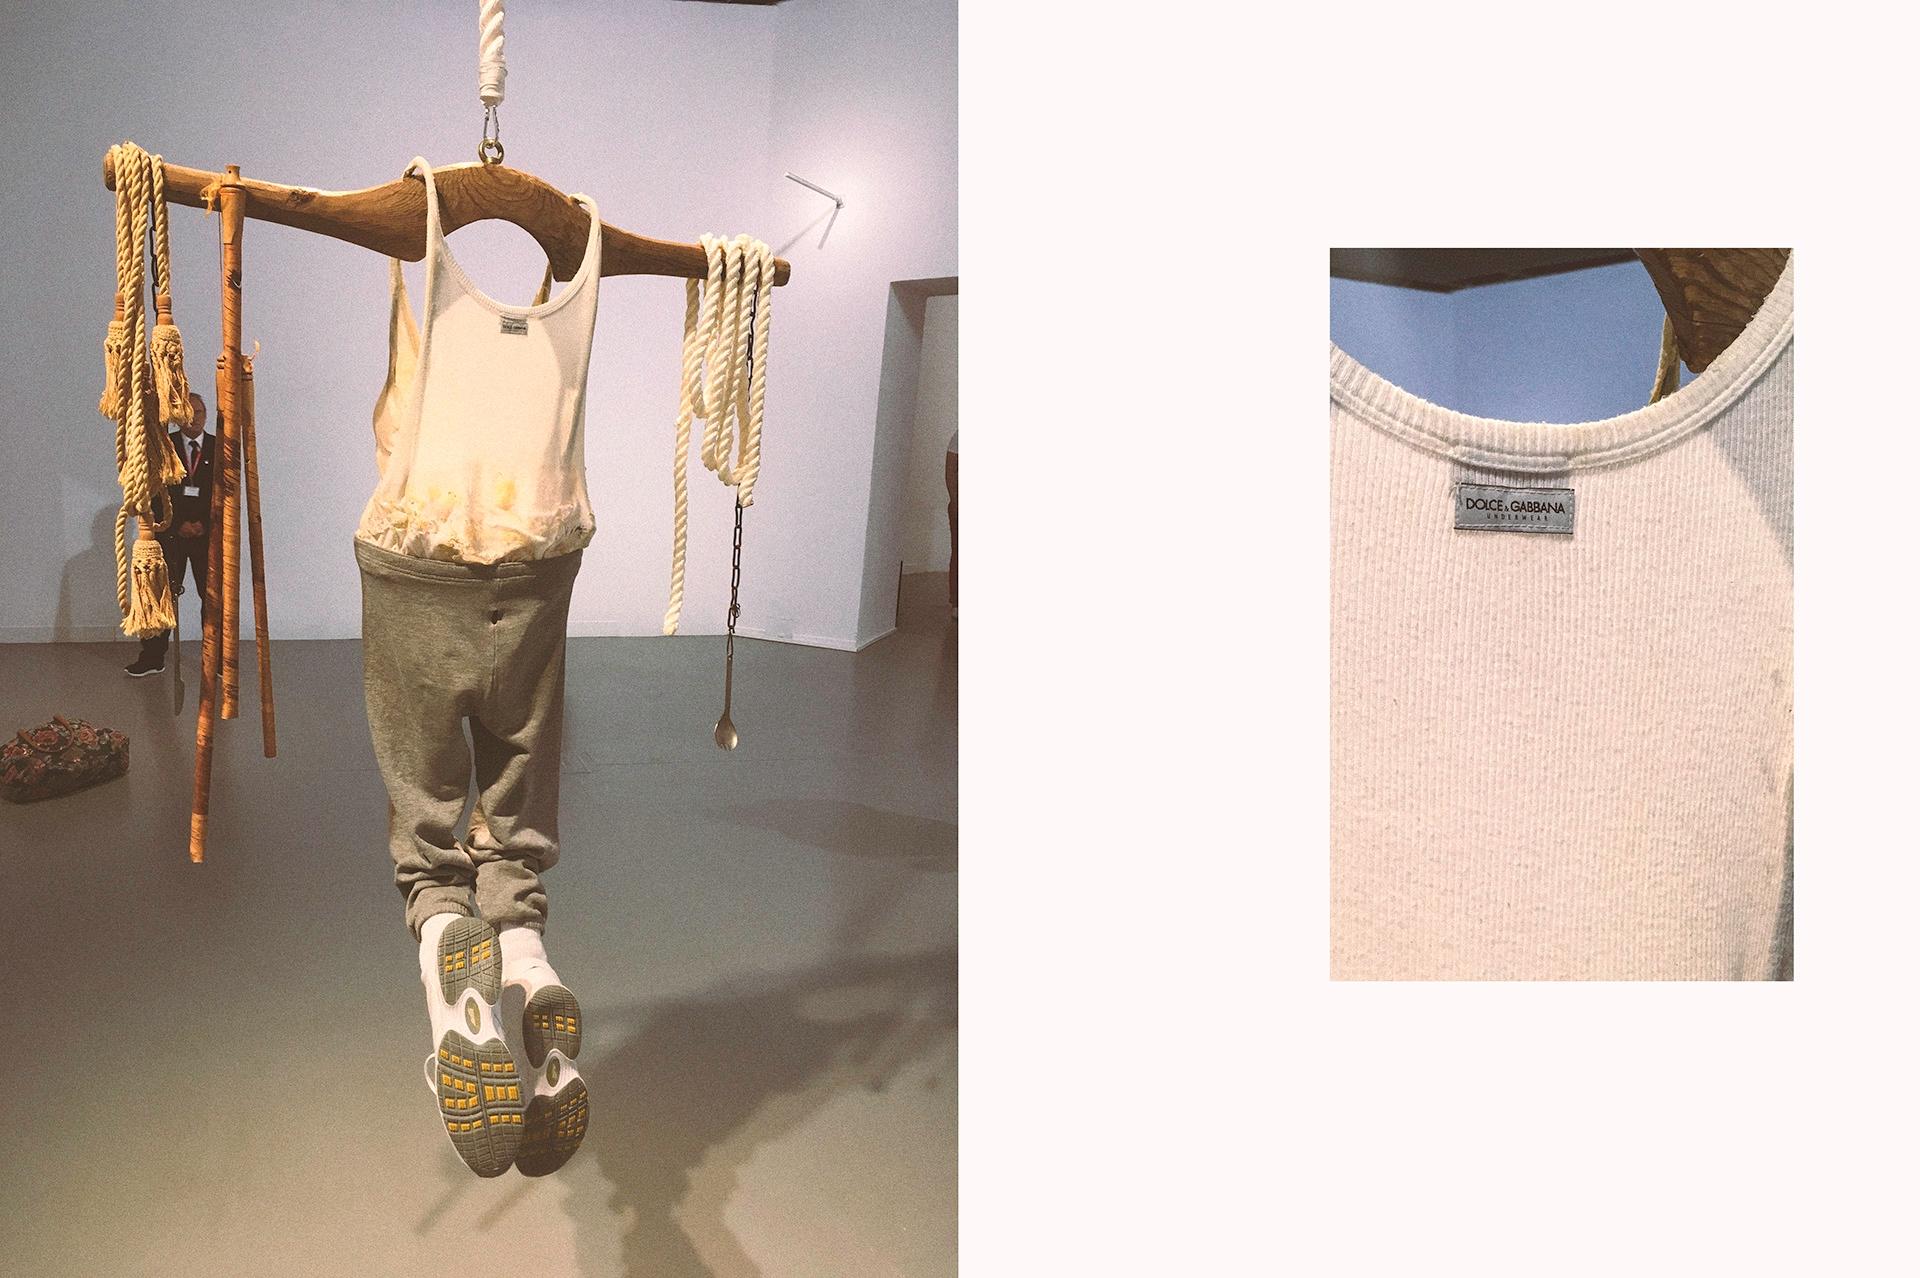 Obraz przedstawia dwa zdjęcia rzeźby zawieszonej w przestrzeni muzeum. Na jednym ze zdjęć widzimy zbliżenie na białą koszulkę.